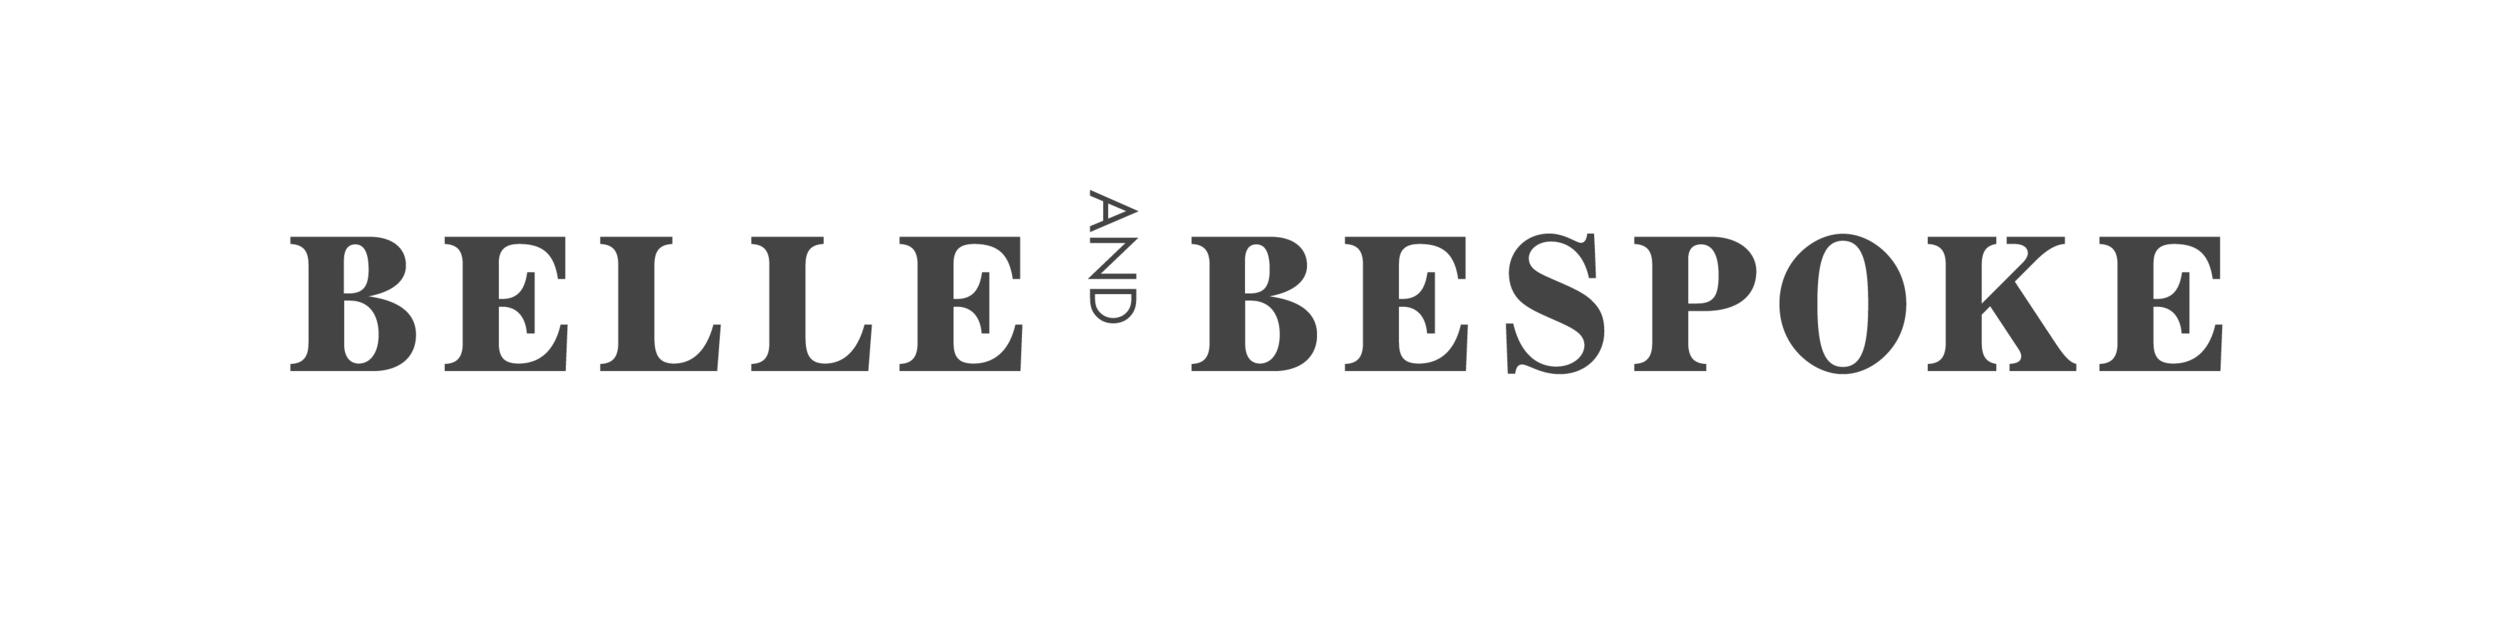 B+B_logo final (2).jpg